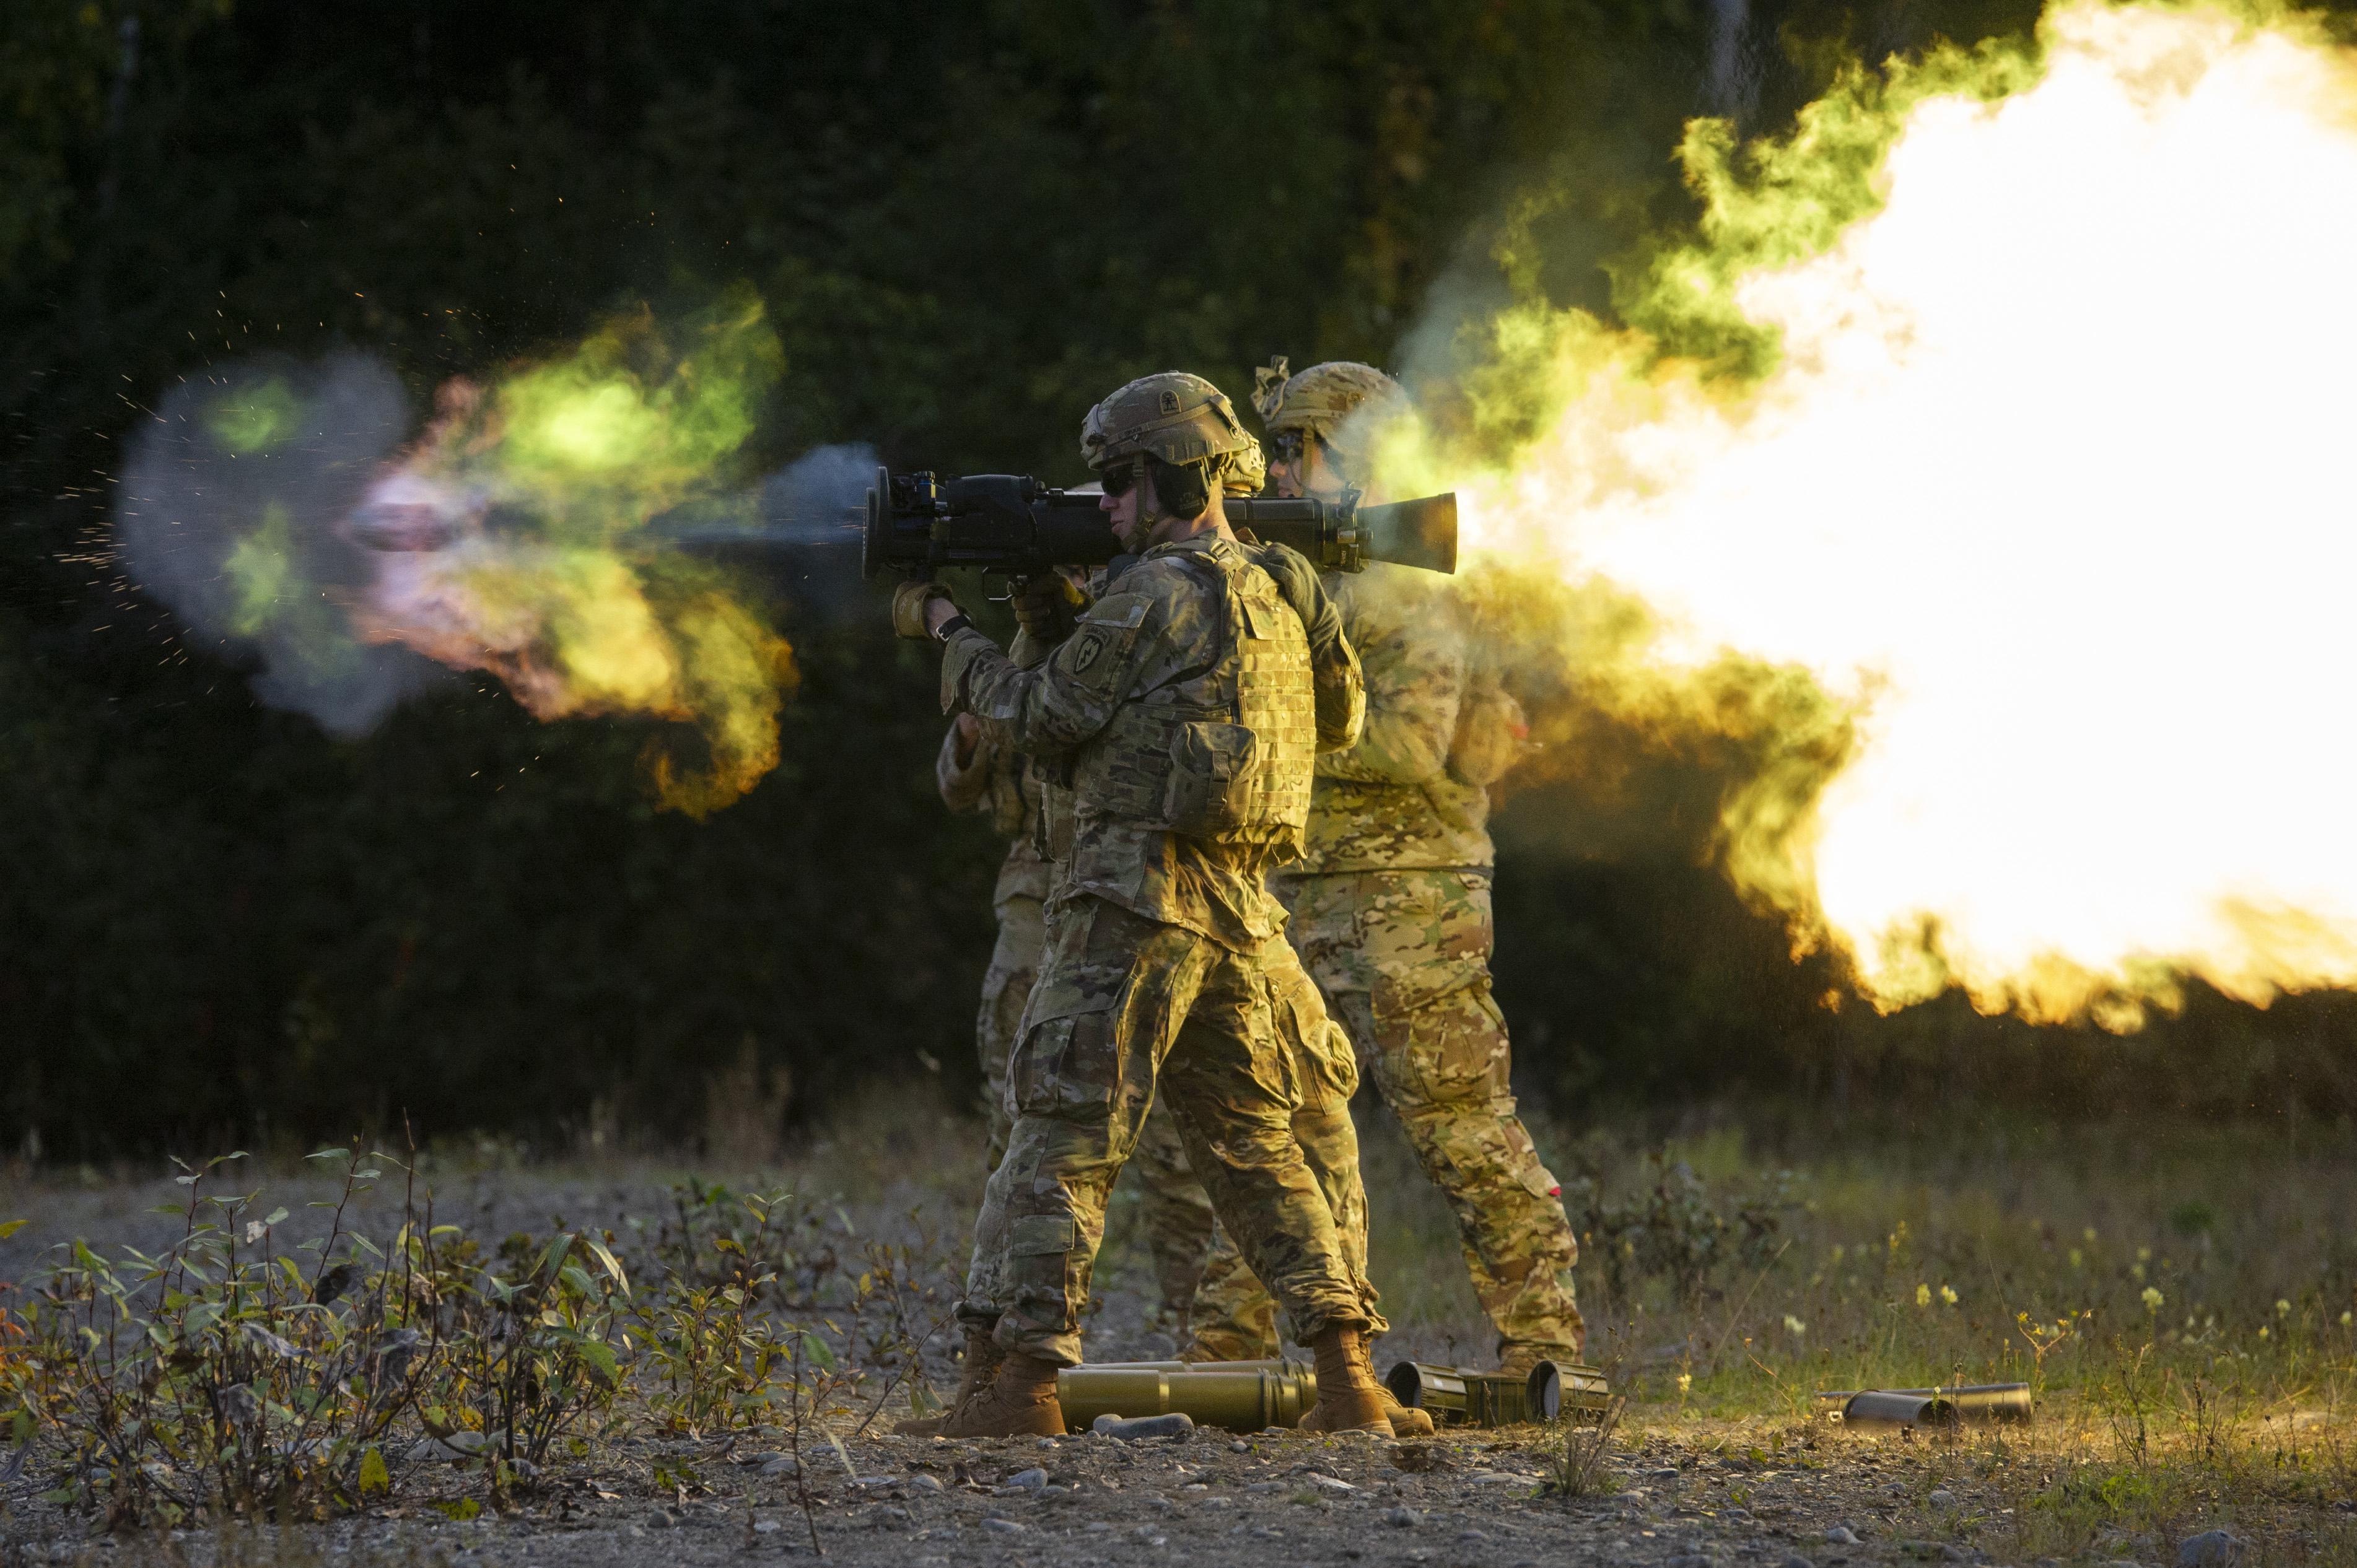 Carl Gustaf recoilless rifle firing